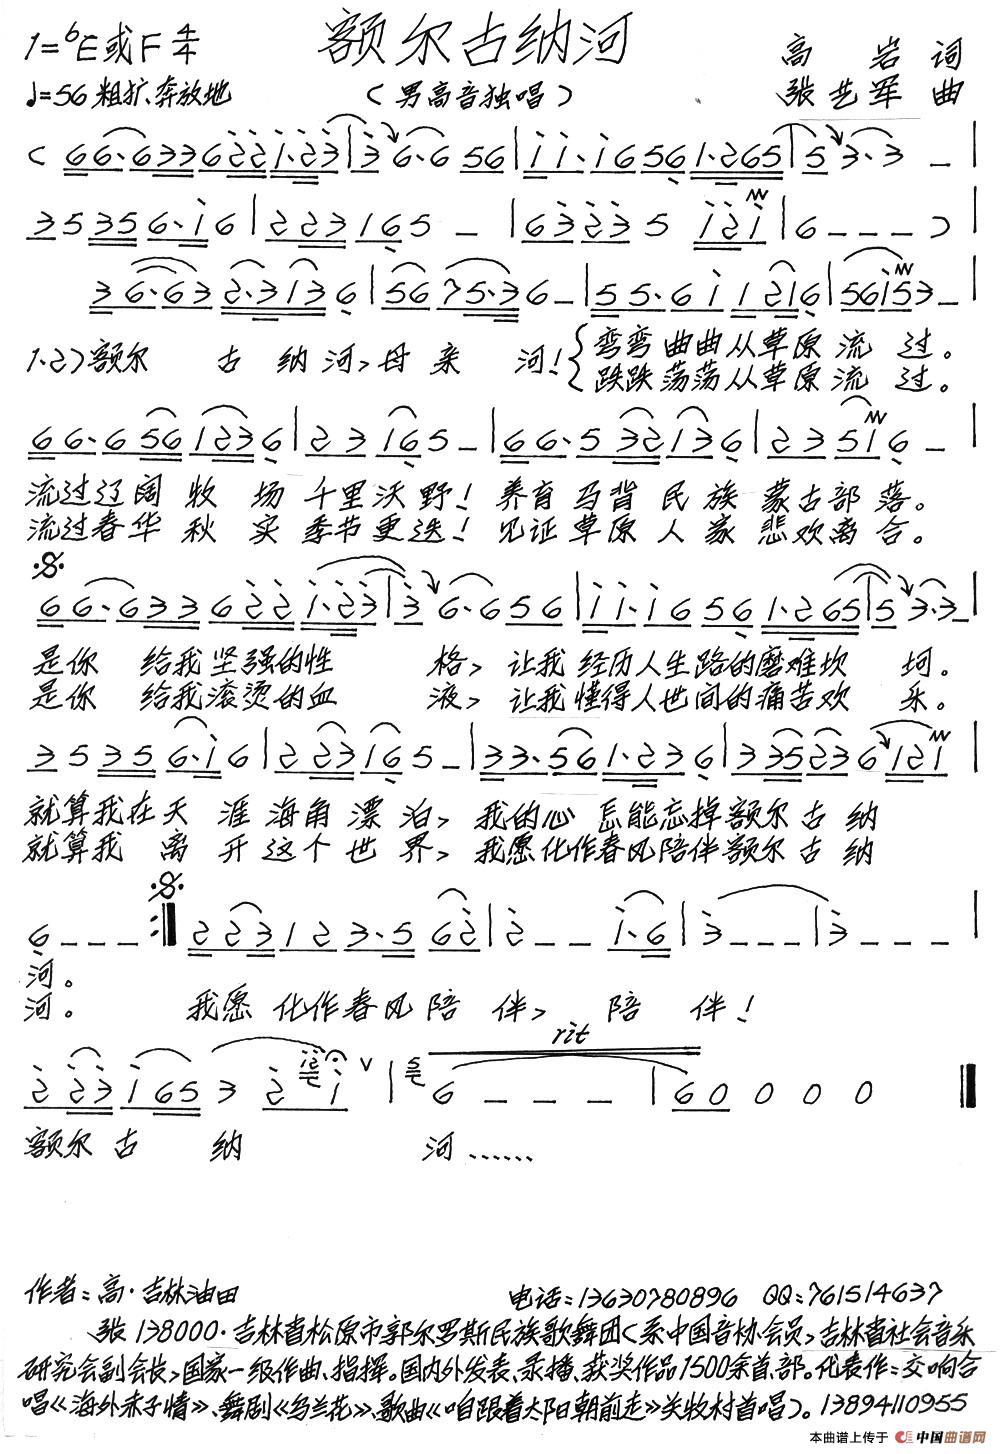 军路歌谱-谱友园地 中国曲谱网